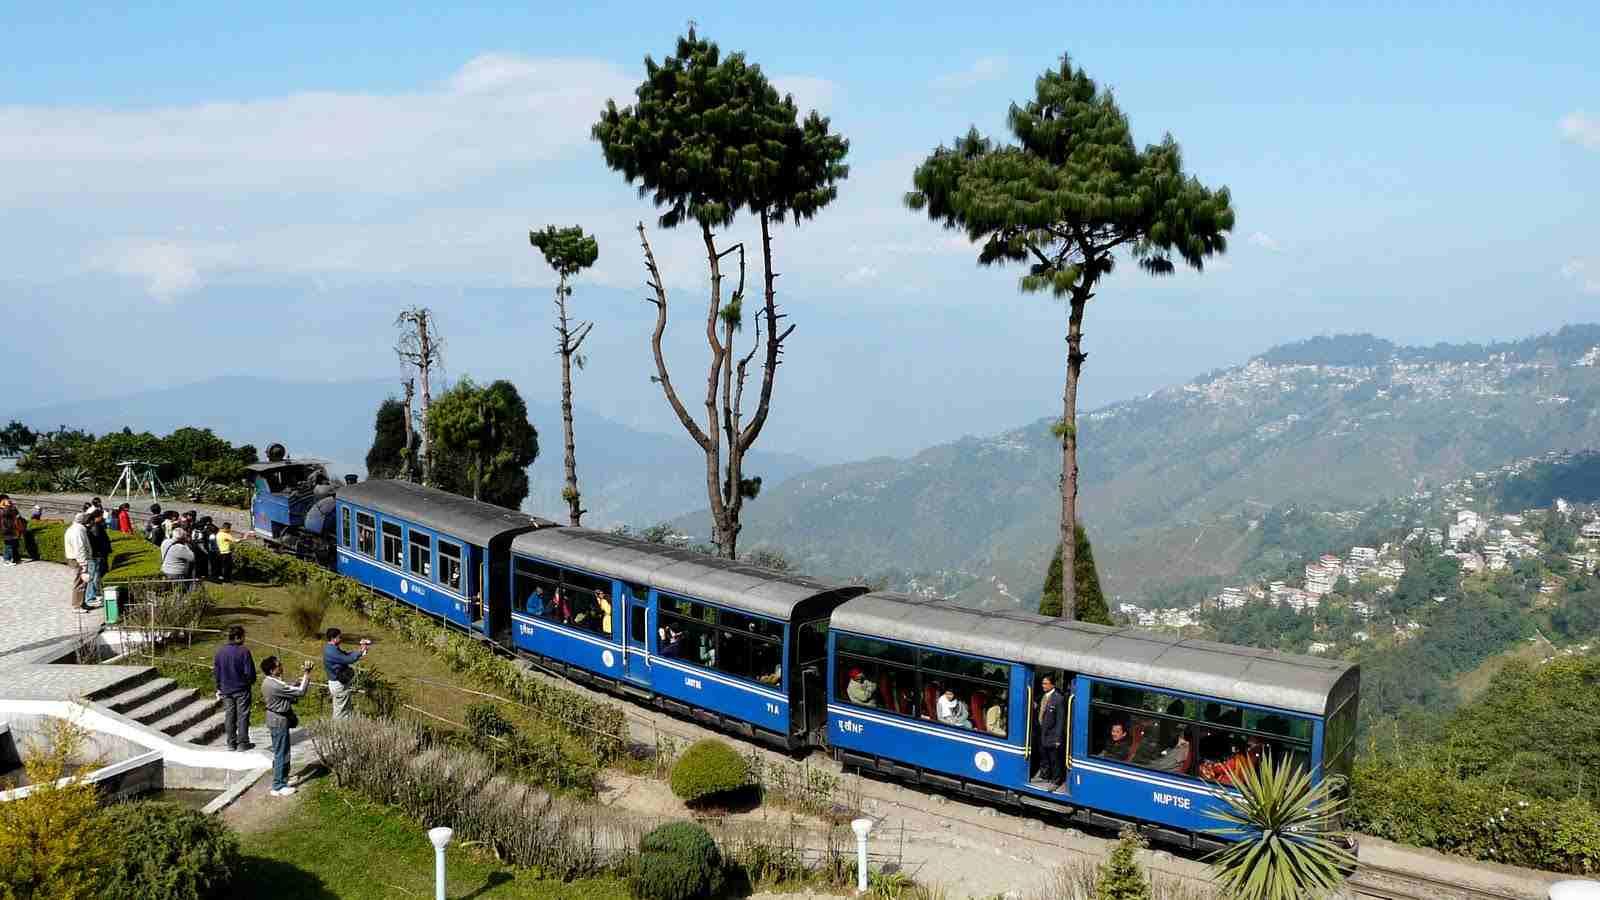 Train Ride In Darjeeling - romantic date ideas